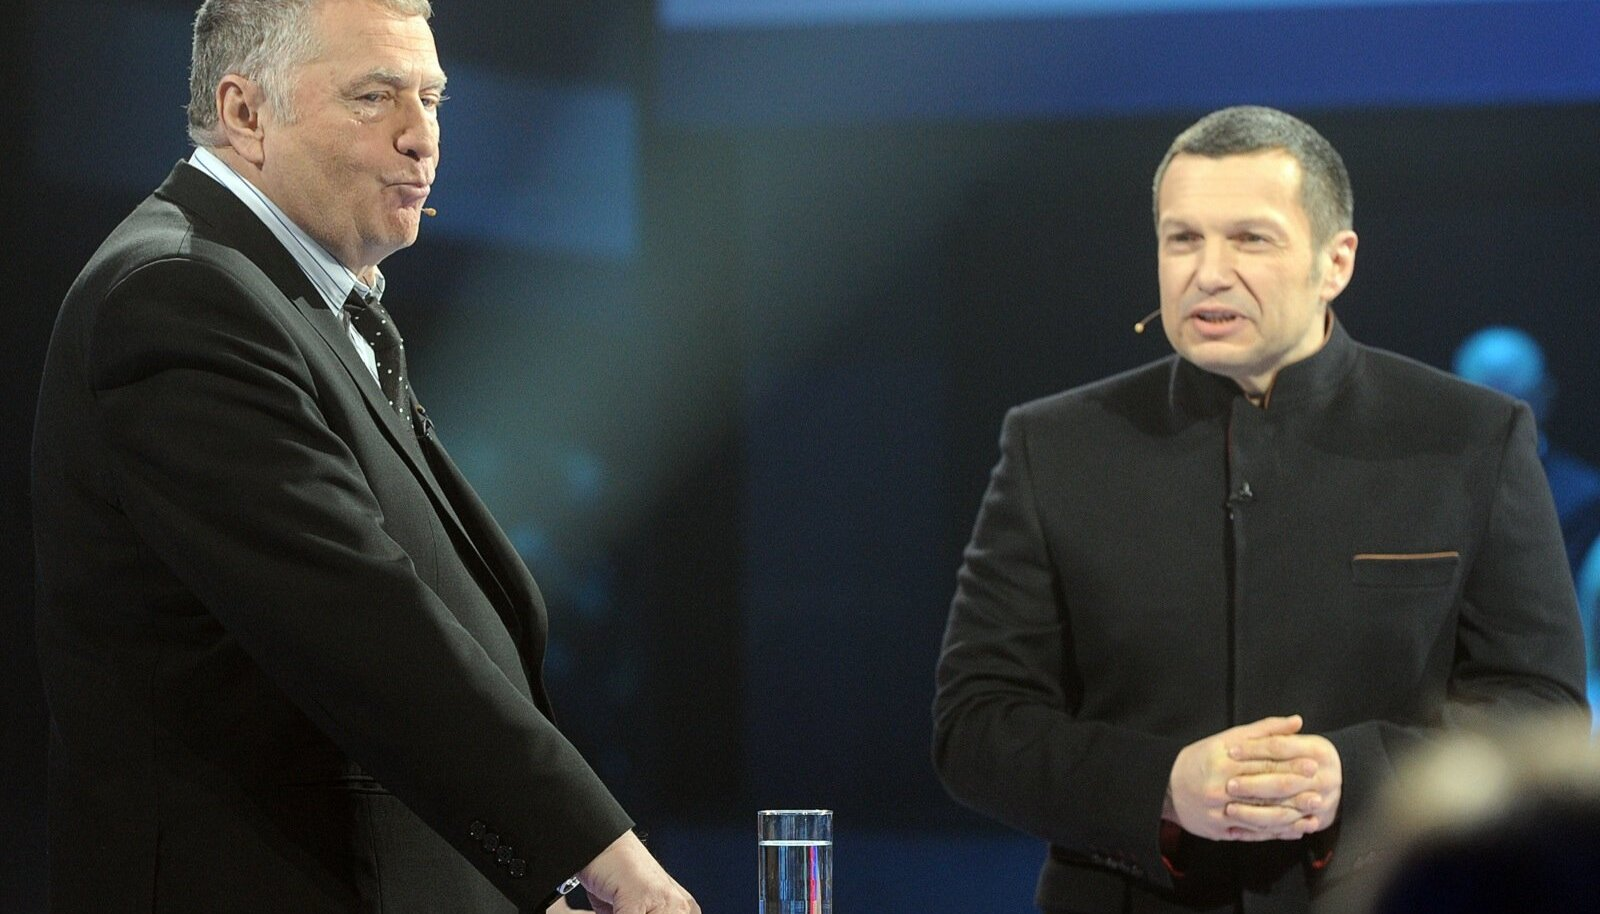 Žirinovski ja Solovjov